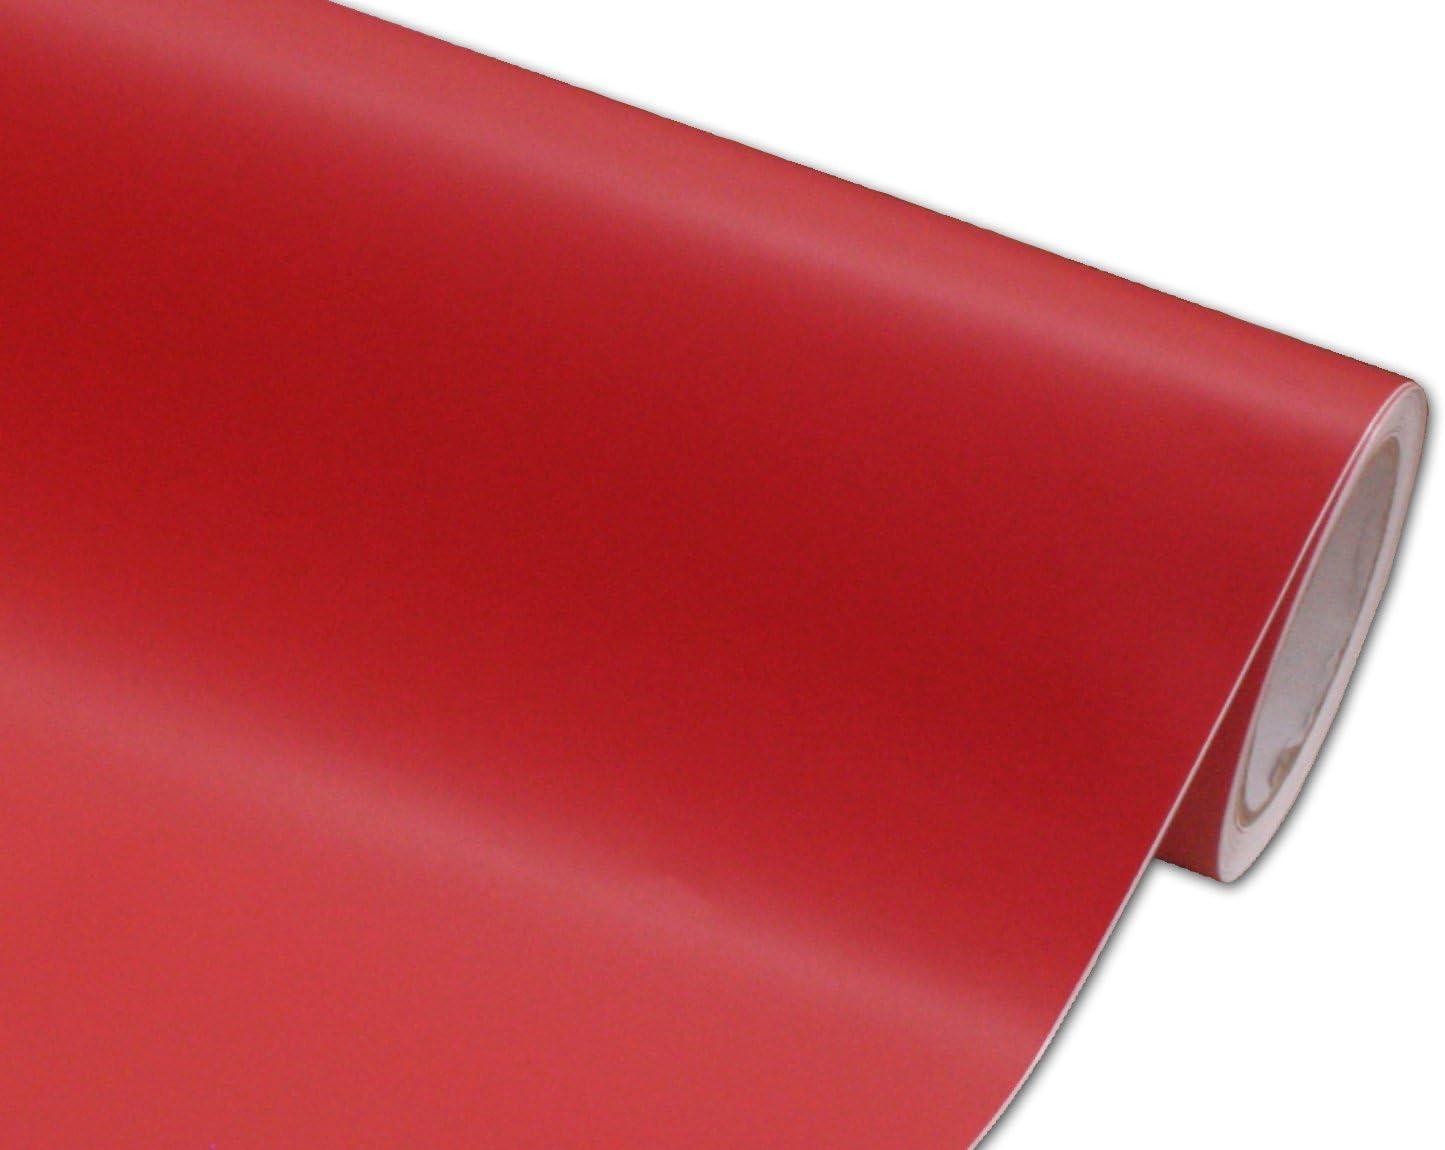 Sale item Hachi Auto Surprise price Matte Flat Red Vinyl Wrap 10FT Film 5FT x Car